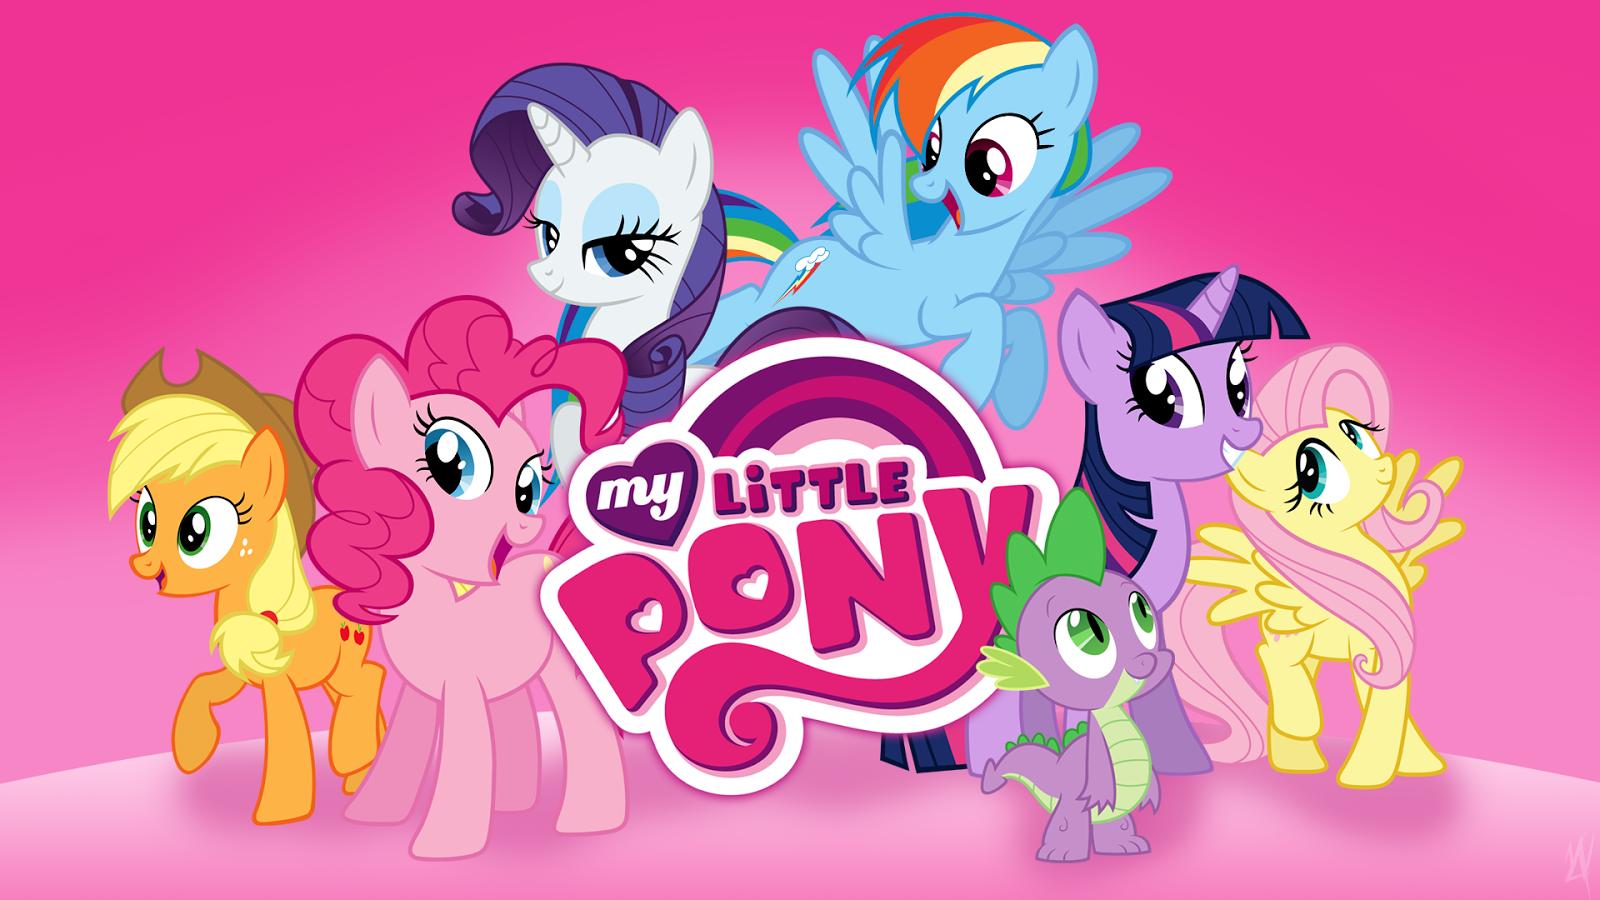 LA CIENCIA DE LA VIDA: Científicos en versión My little pony (WTF!)